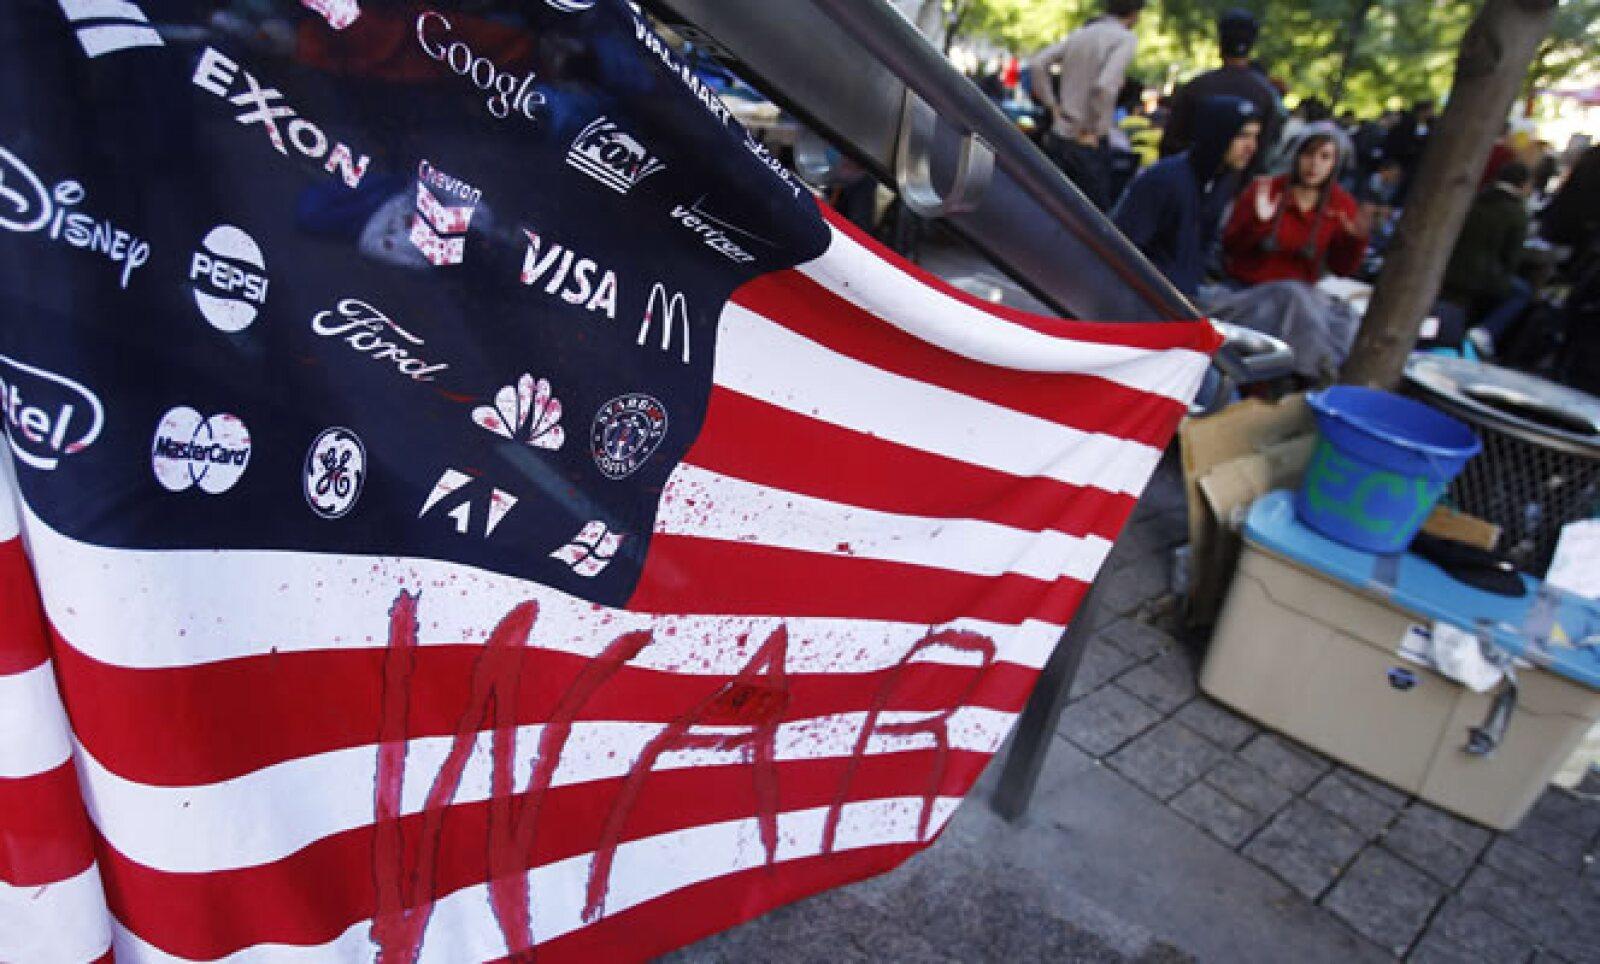 El centenar de jóvenes que hace un mes ocupó un parque aledaño a Wall Street difícilmente imaginó la reproducción de movimientos similares en otras ciudades de EU  y de otros países.